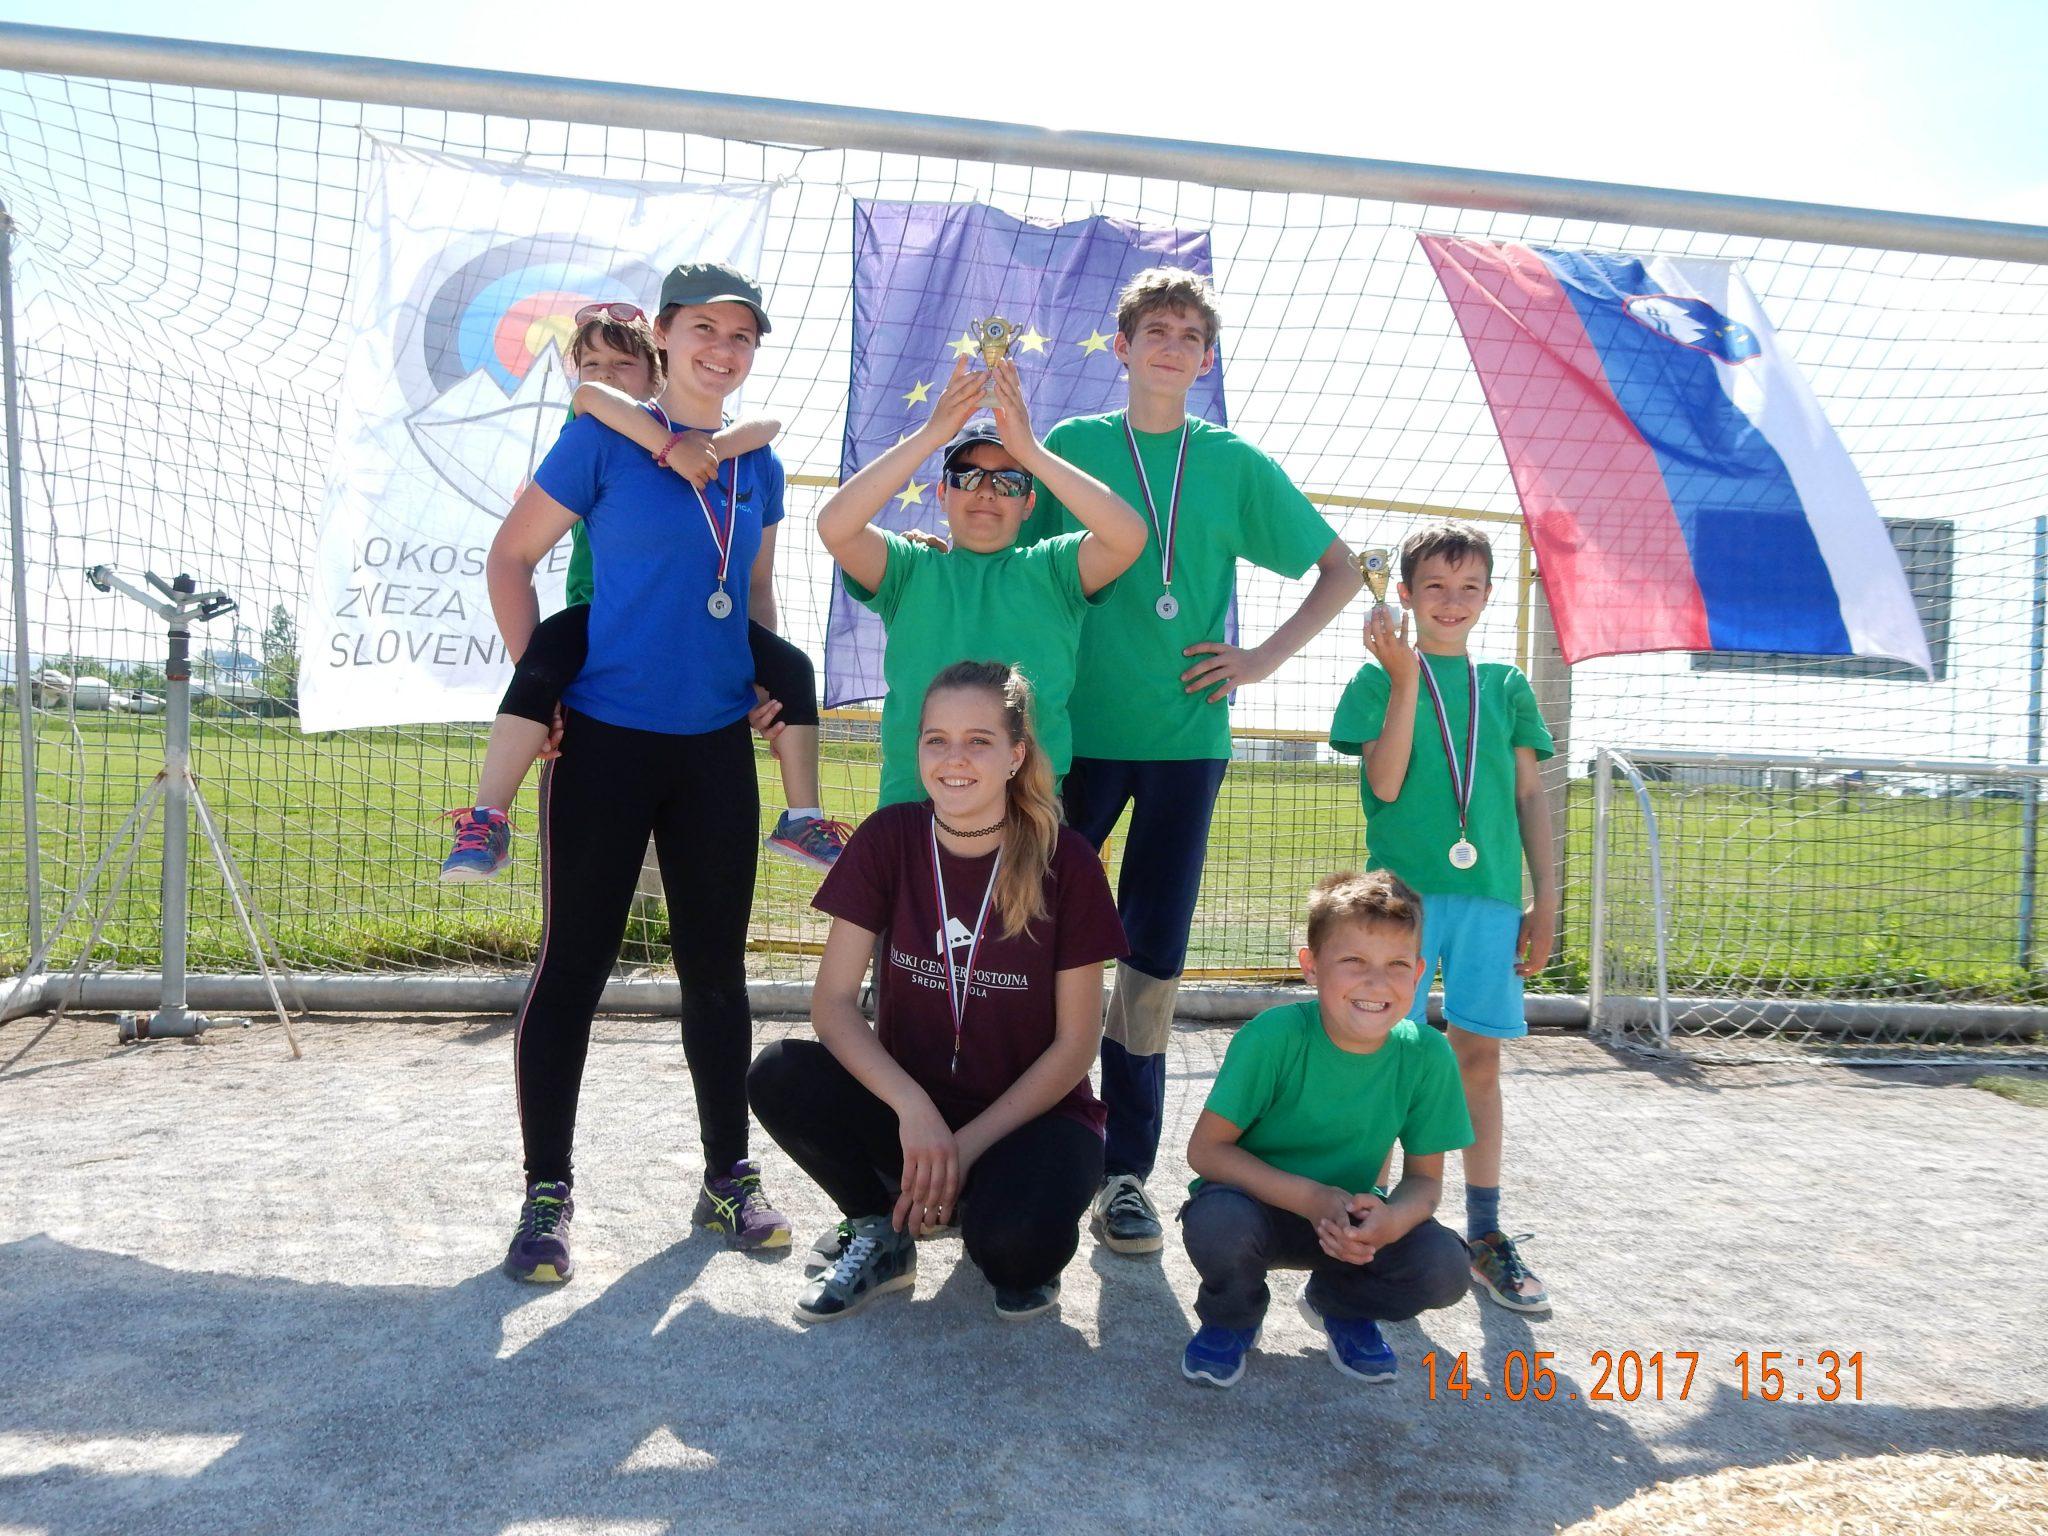 medelje1 - Lokostrelci osvojili prve medalje!